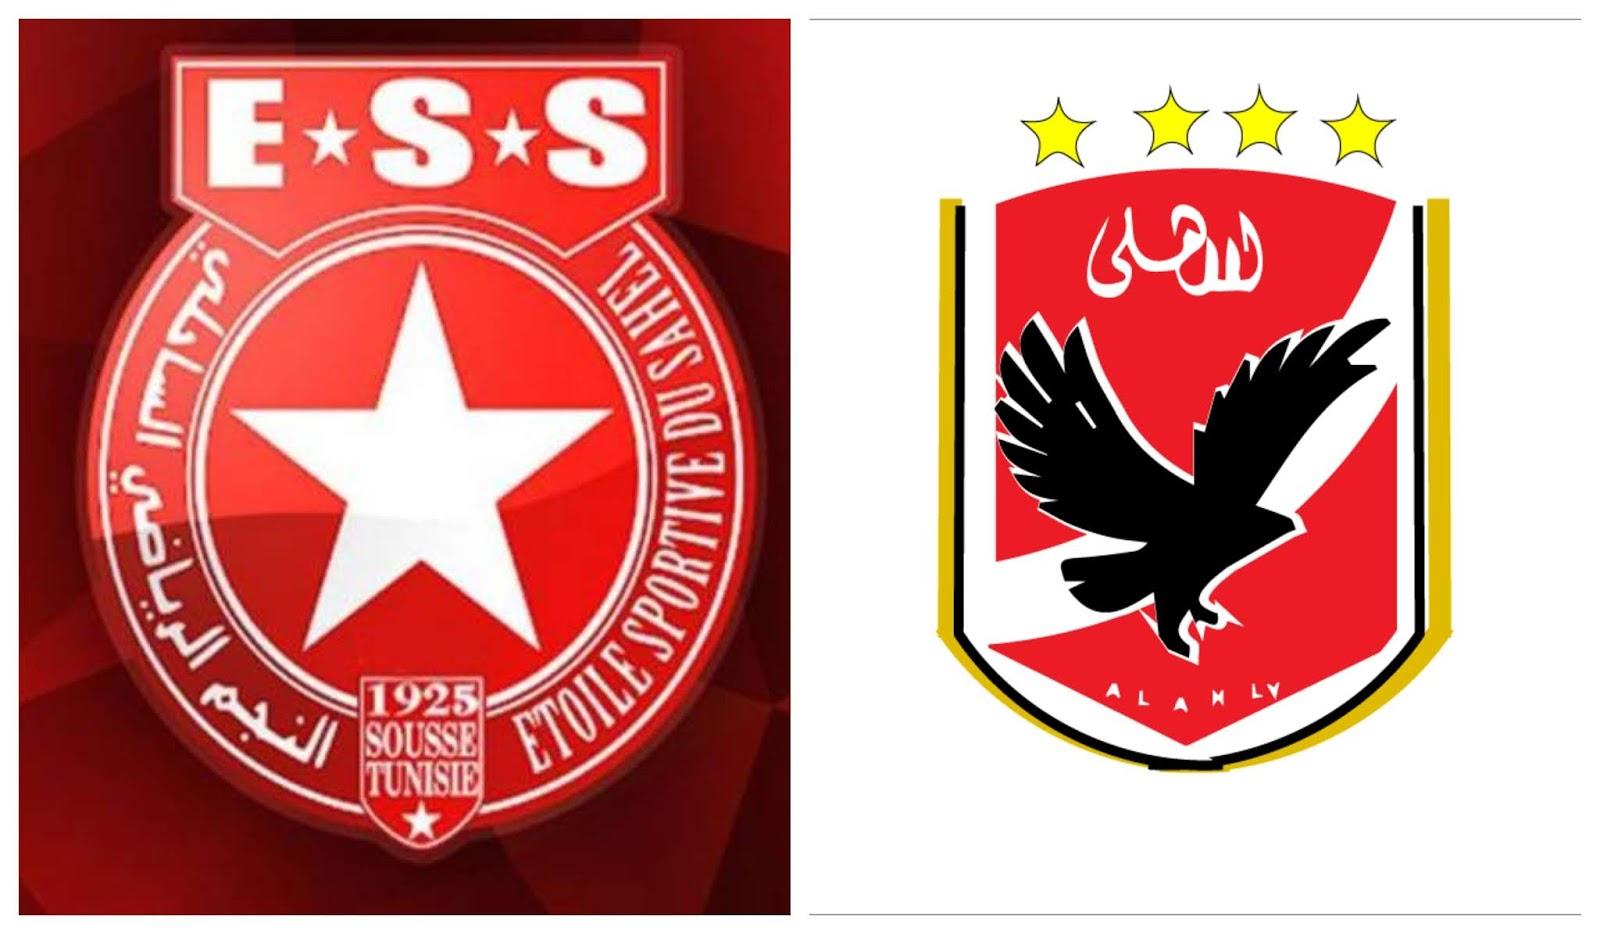 موعد مباراة الأهلي و النجم الساحلي اليوم الجمعة 29 11 2019 في